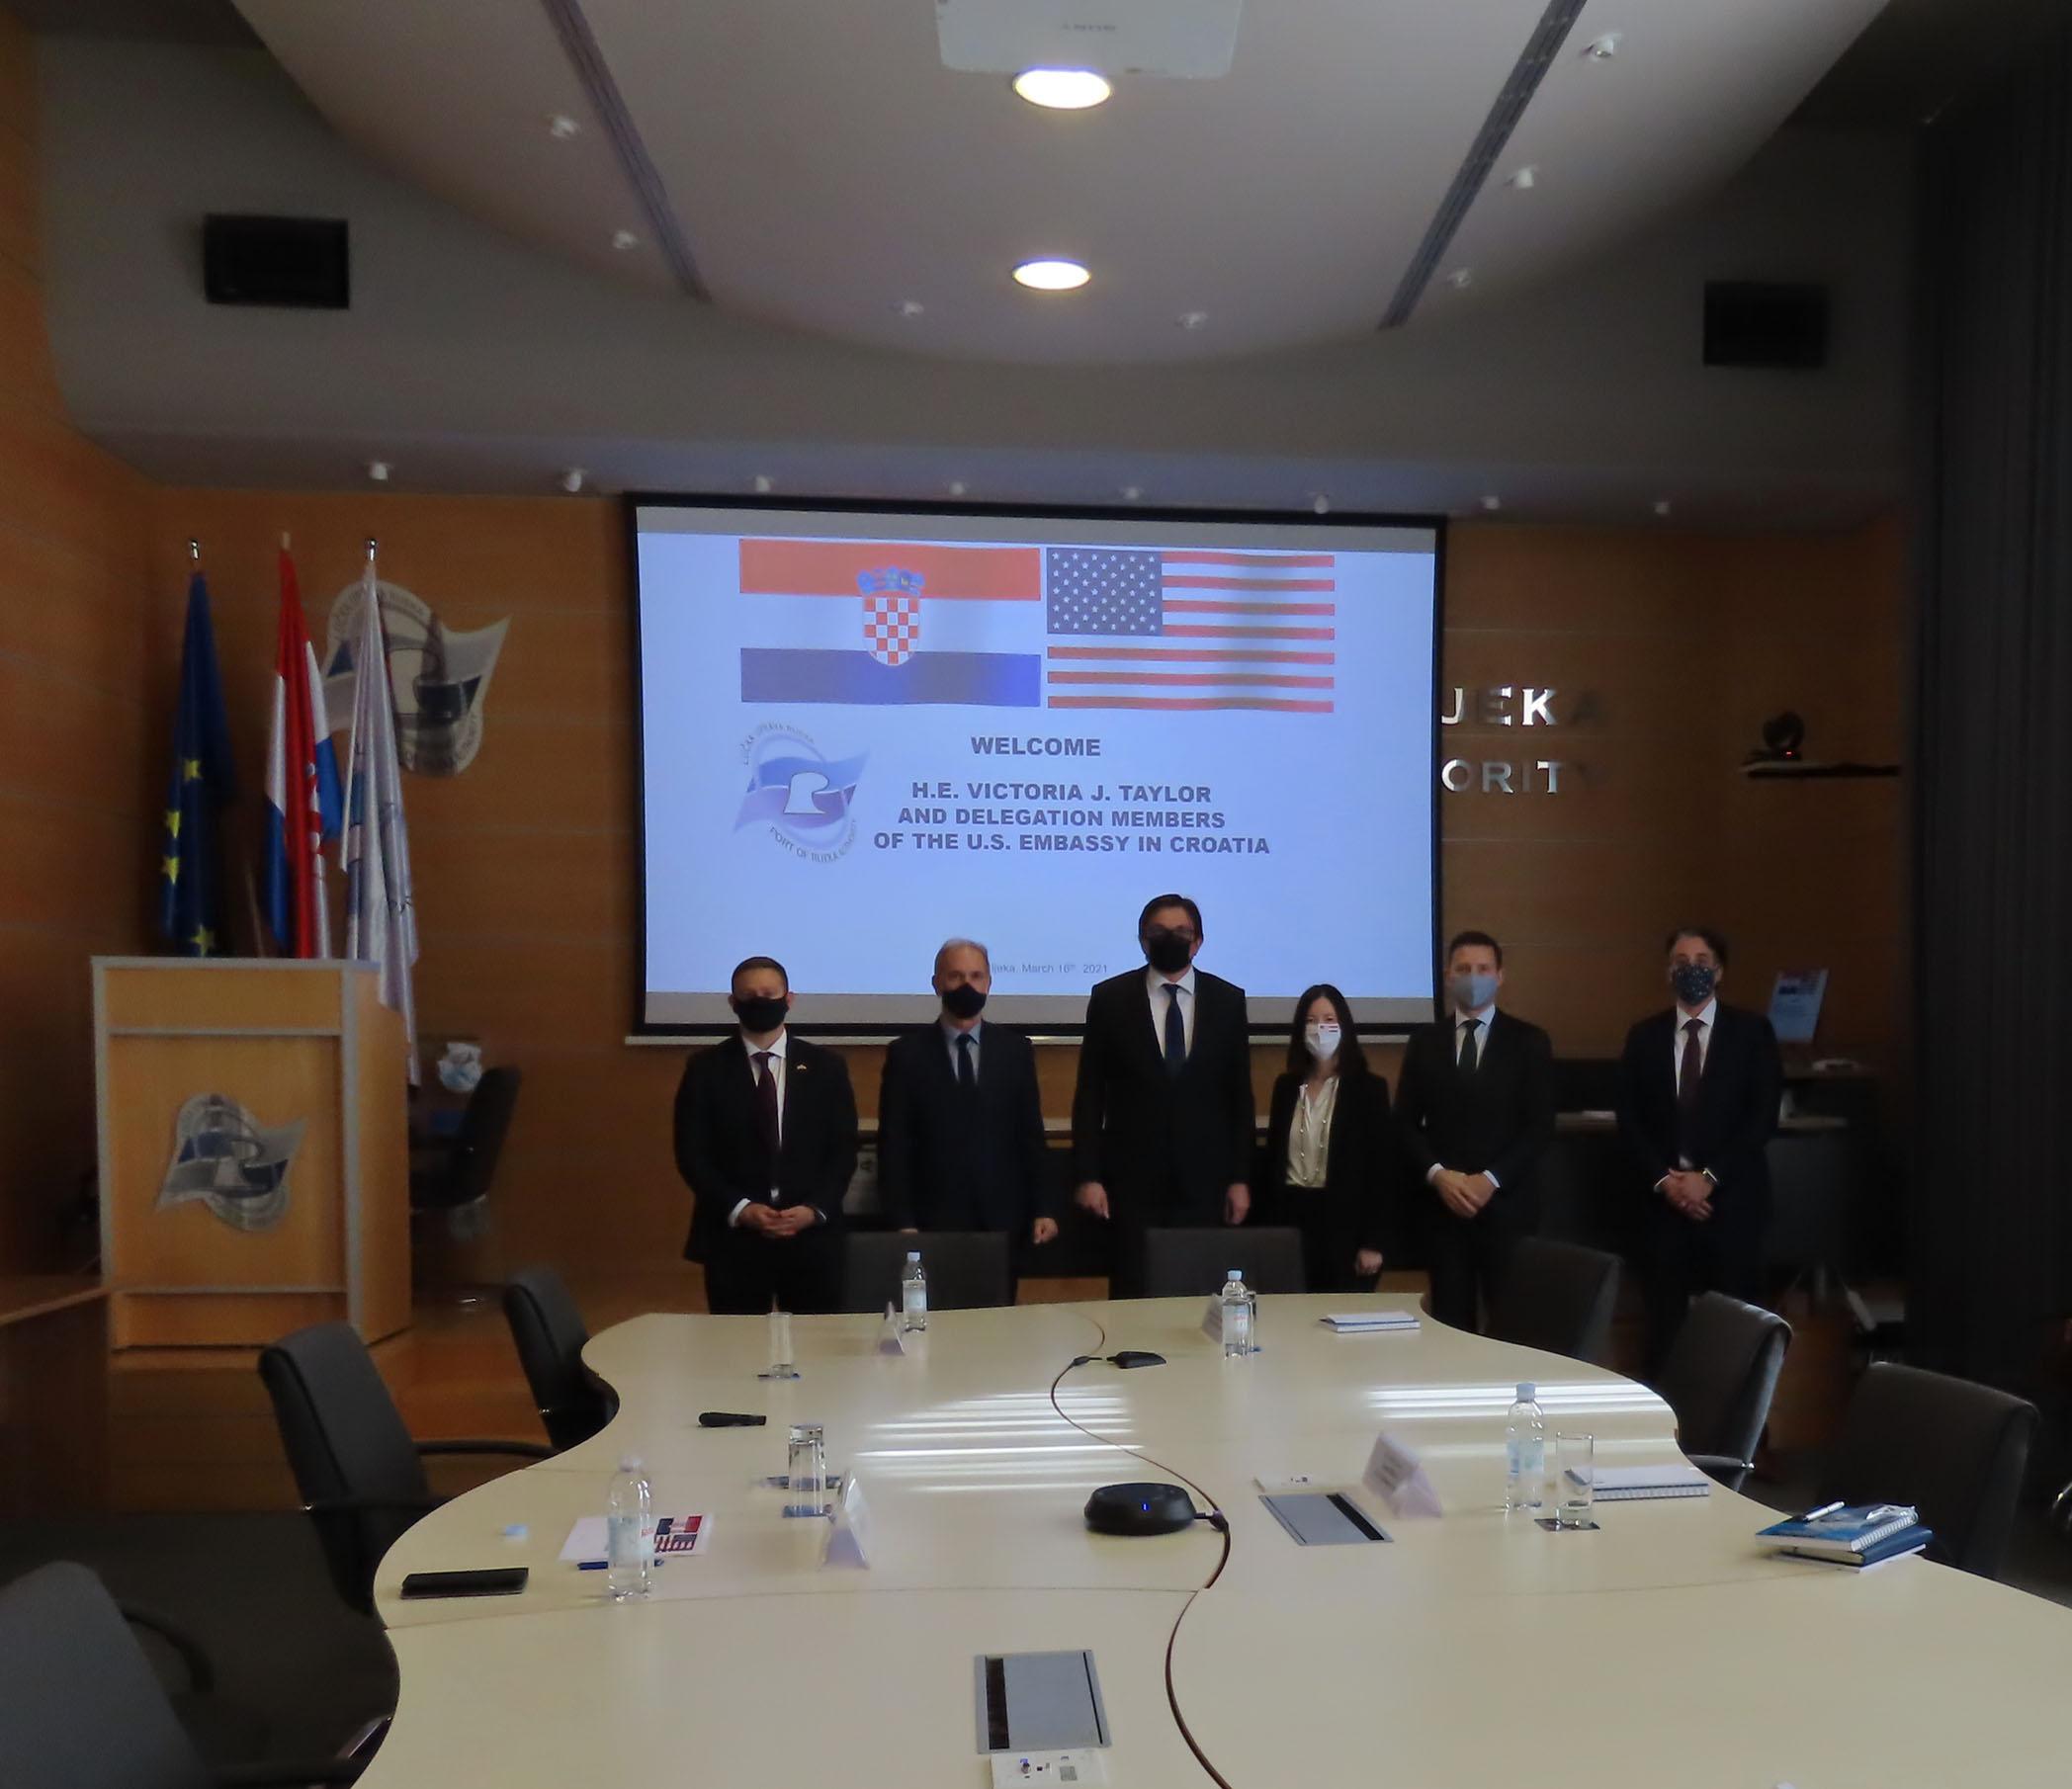 Posjet delegacije Veleposlanstva Sjedinjenih Američkih Država u Zagrebu